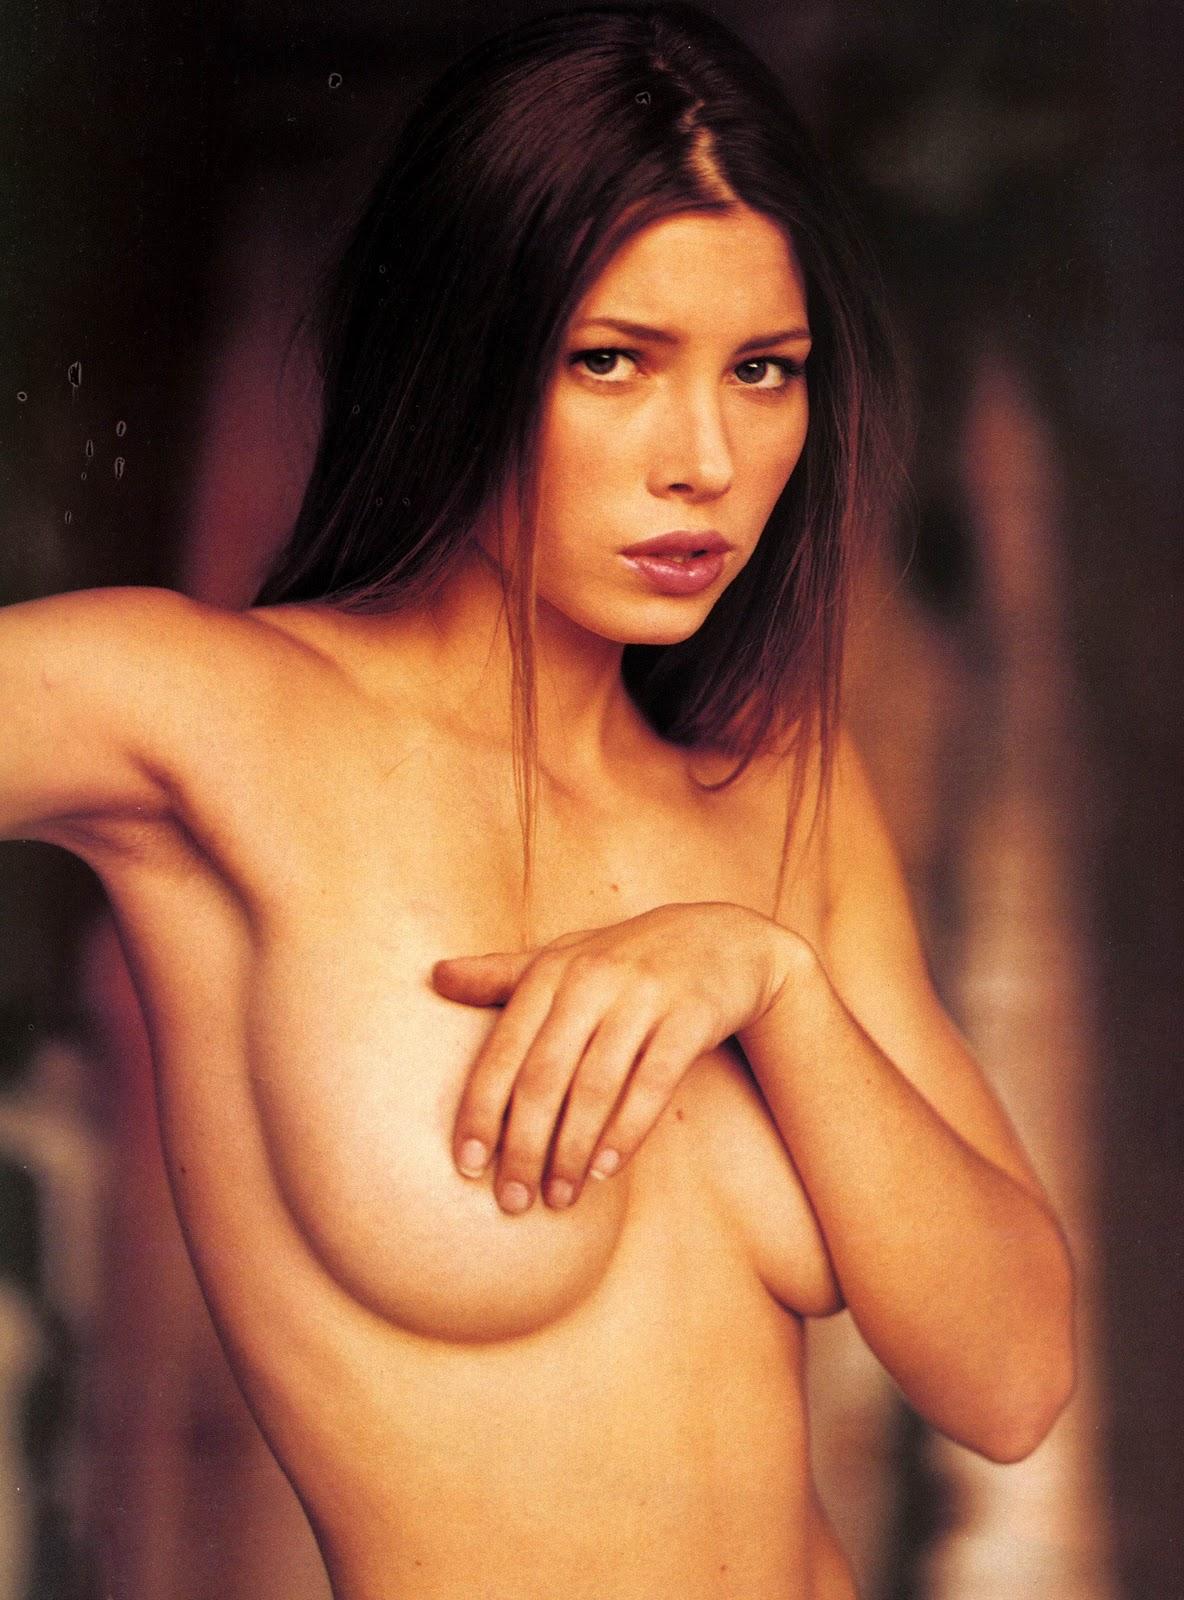 Maria ozawa nude nurse